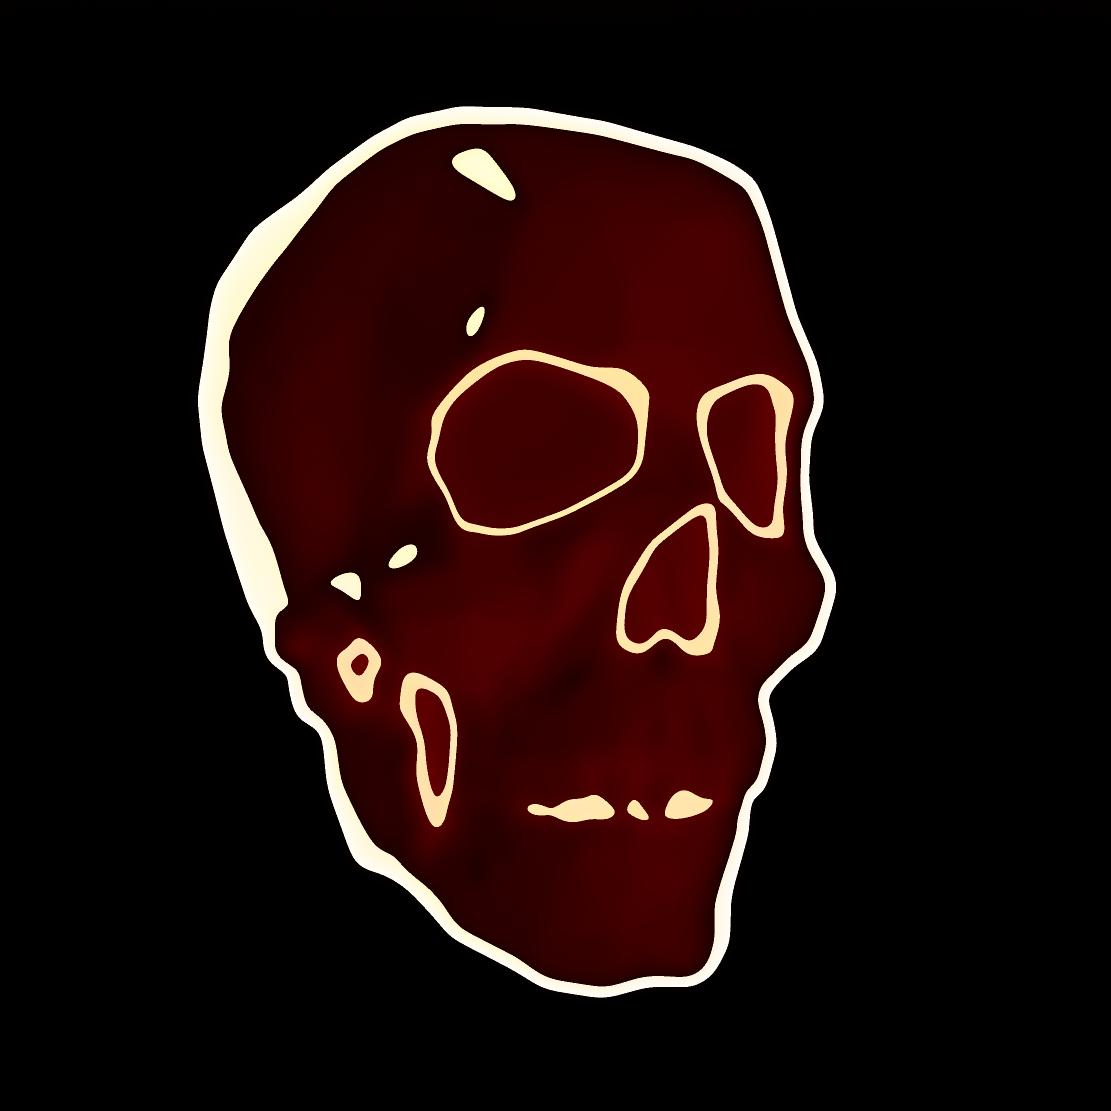 skull_cybermonk-de_popart_039.jpg